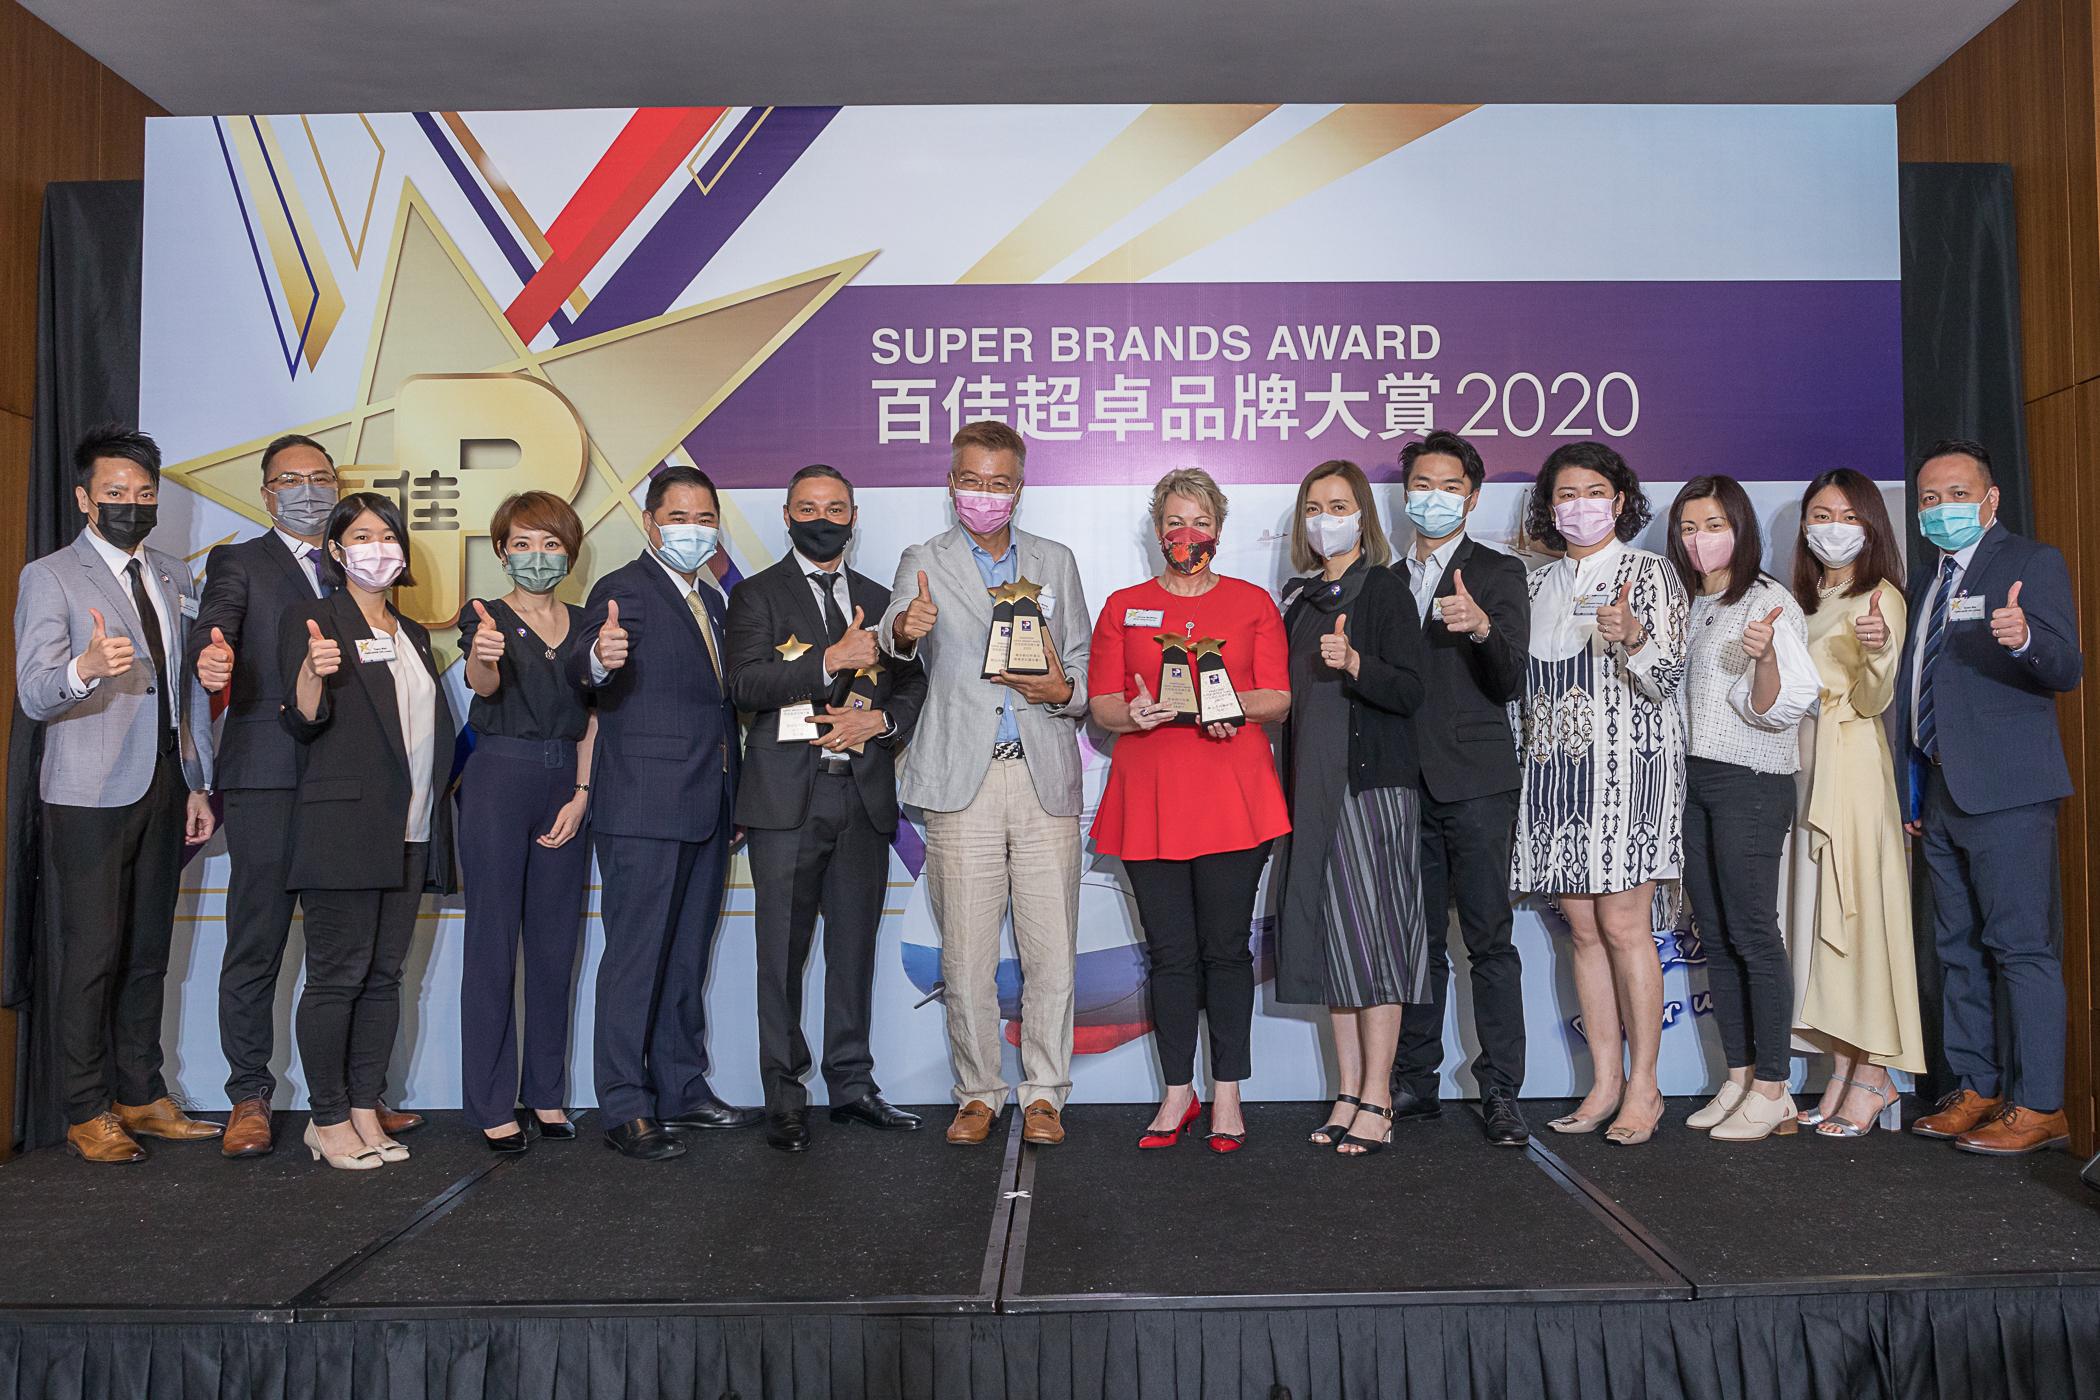 DKSH shines once again at the PARKnSHOP Super Brands Awards 2020